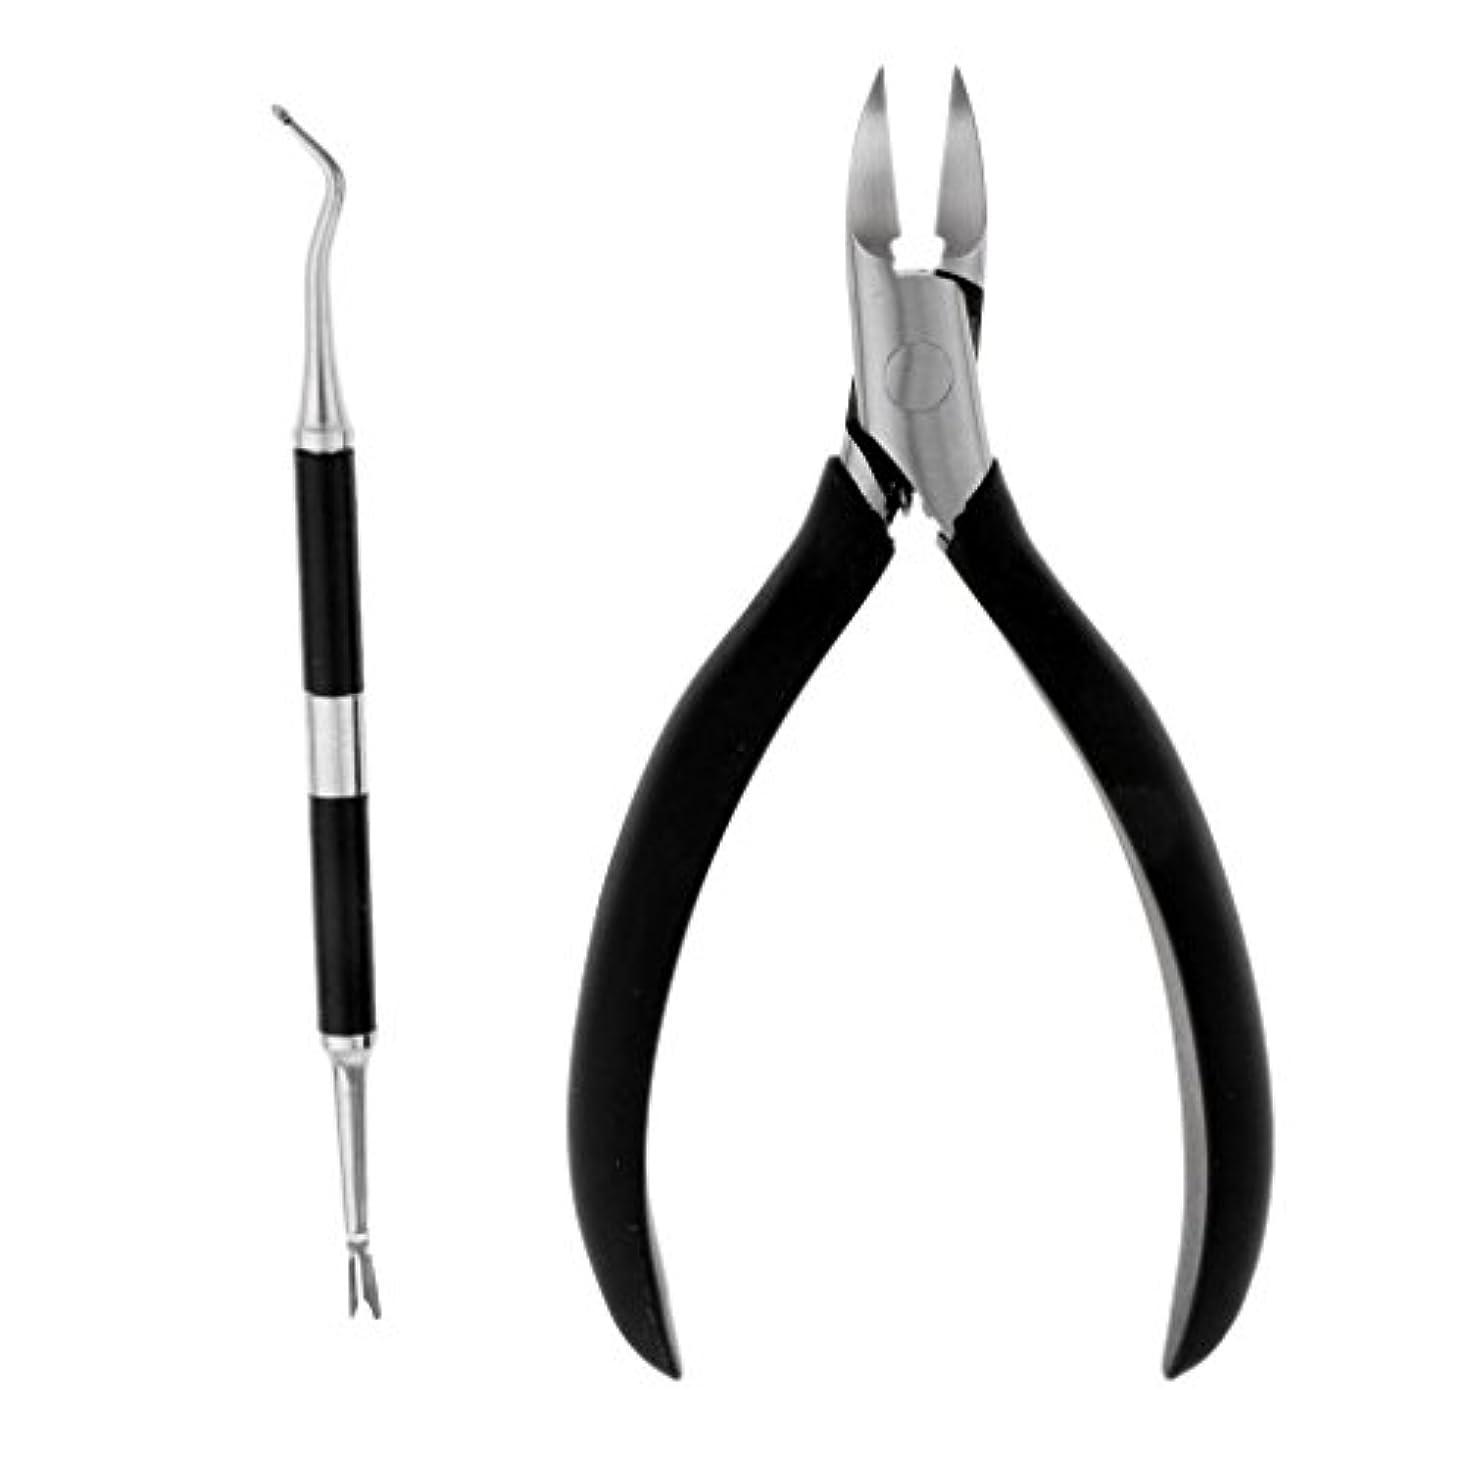 召喚する額強制Sharplace 爪カッター クリッパー 陥入爪 爪やすり 爪切り 甘皮切れ プロ 爪のファイルとリフター プロ ネイルサロン 2点入り  - ブラック